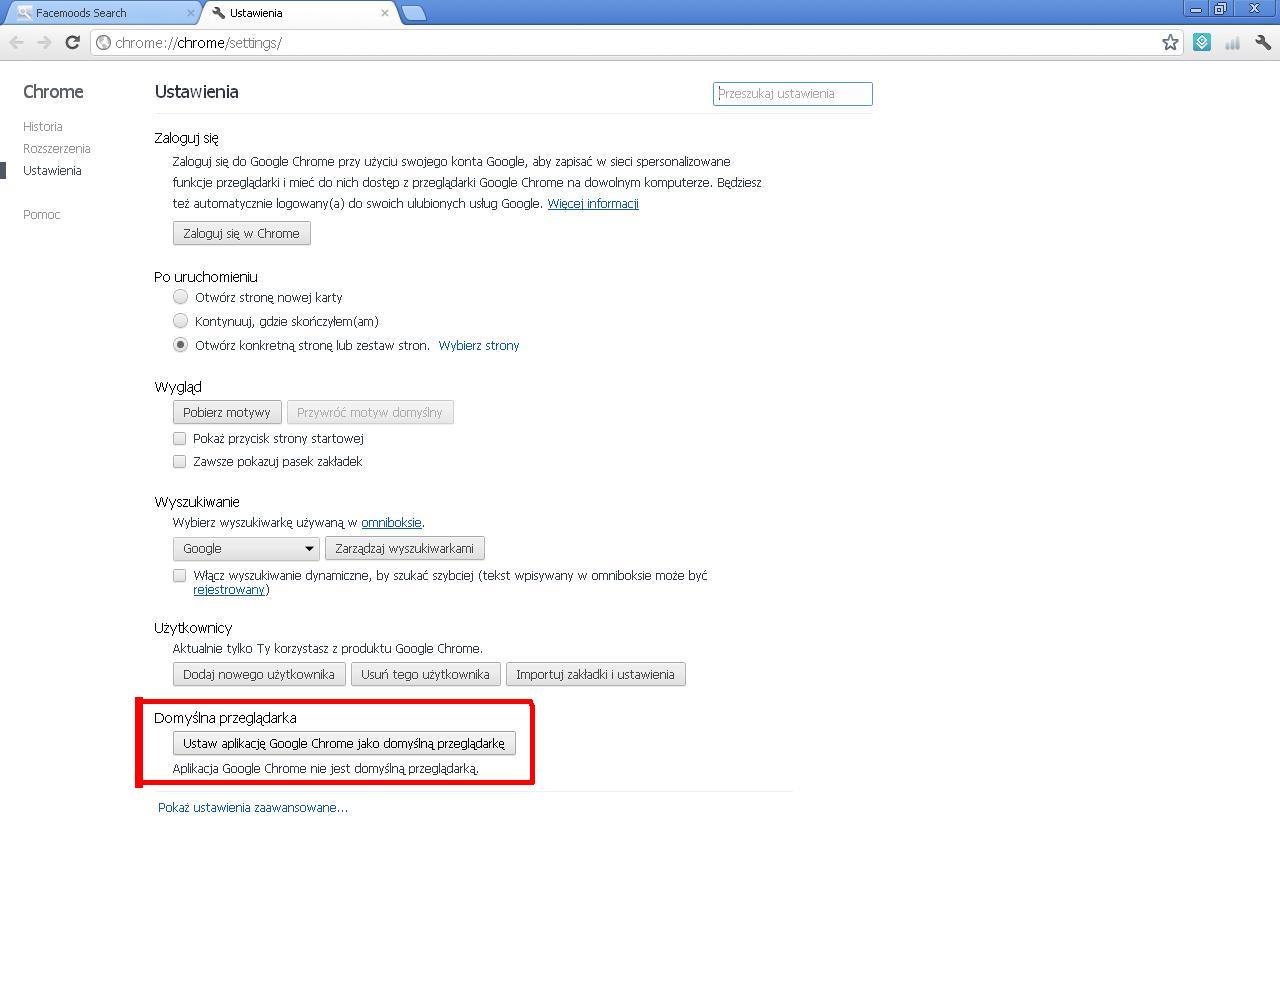 Ustawianie Chrome jako przeglądarki domyślnej